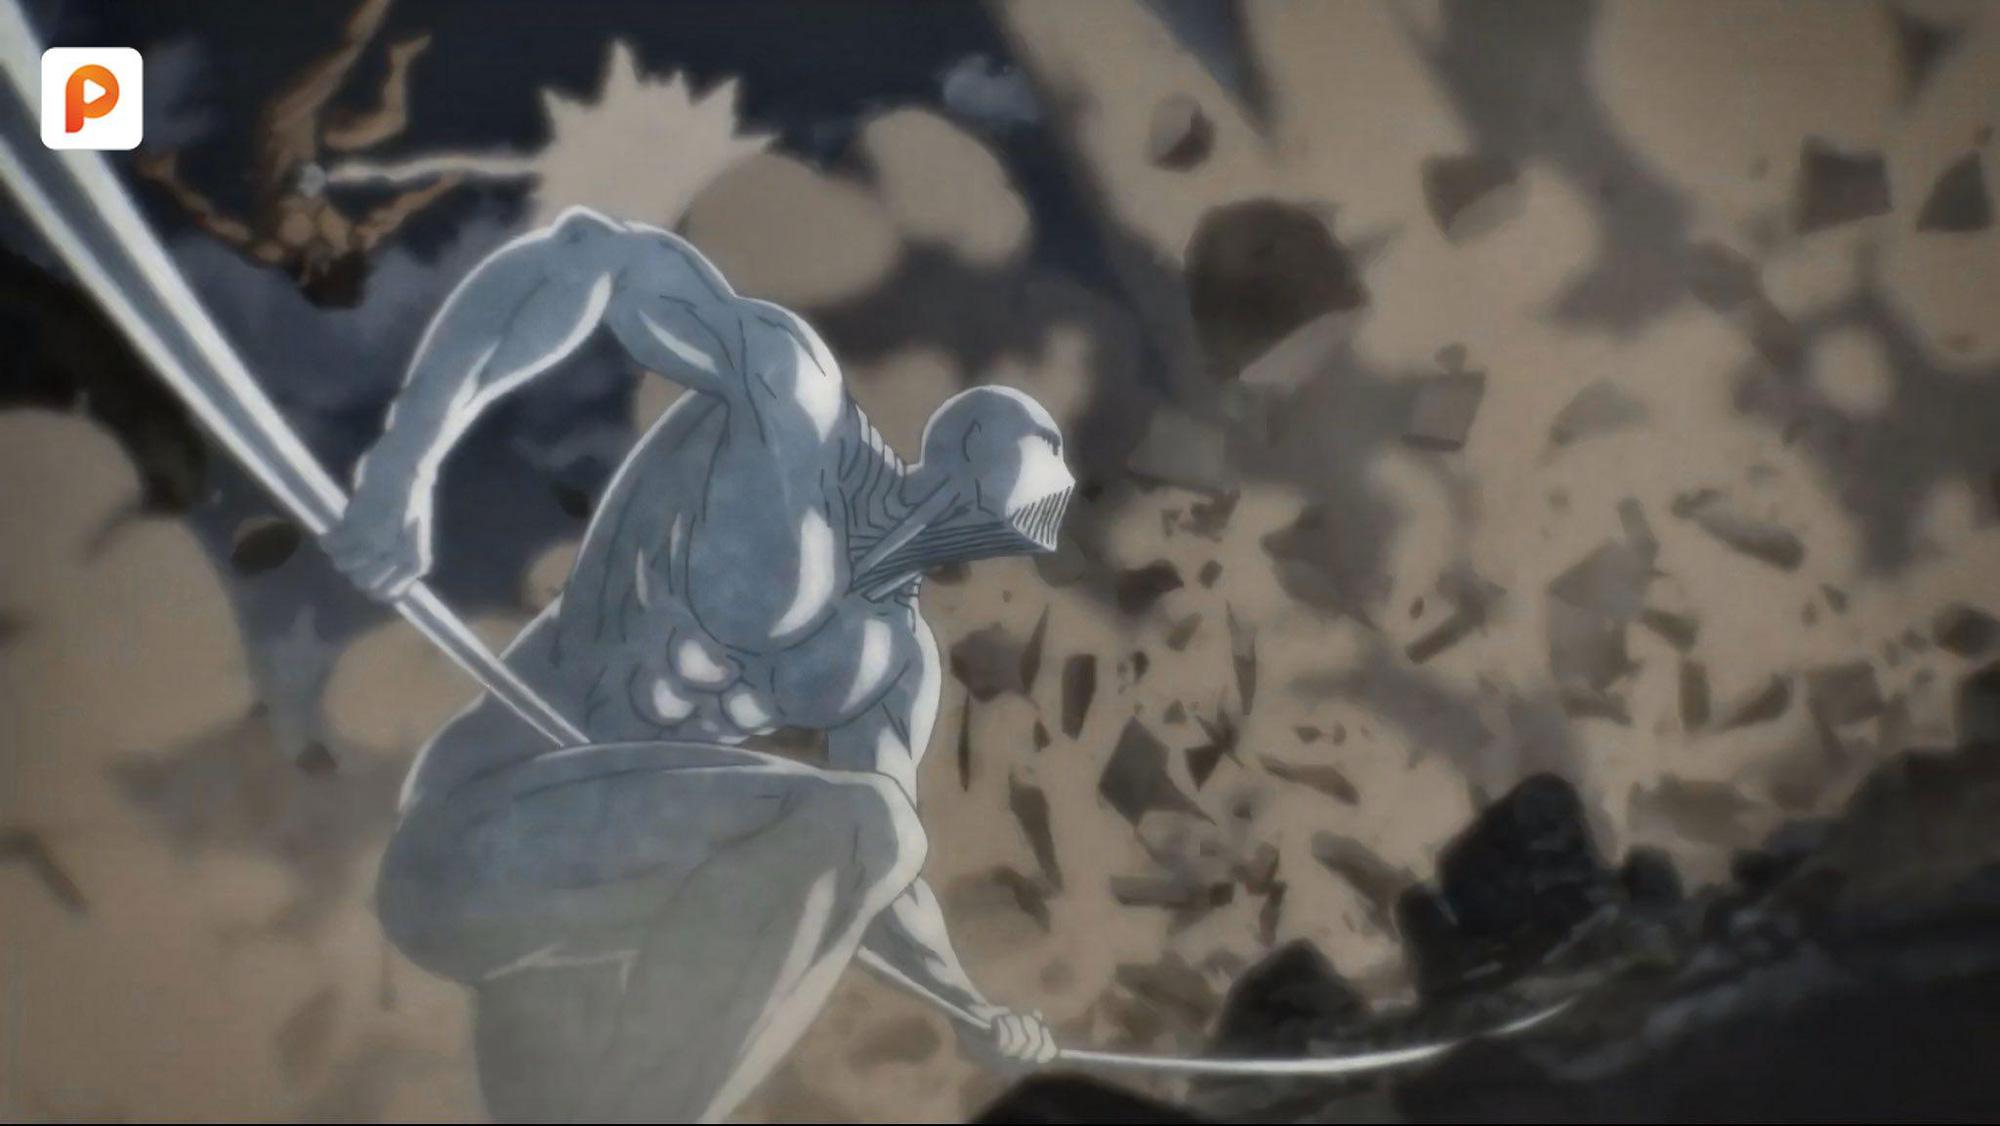 POPS phát sóng Đại chiến Titan mùa 4 song song với Nhật Bản - Ảnh 2.